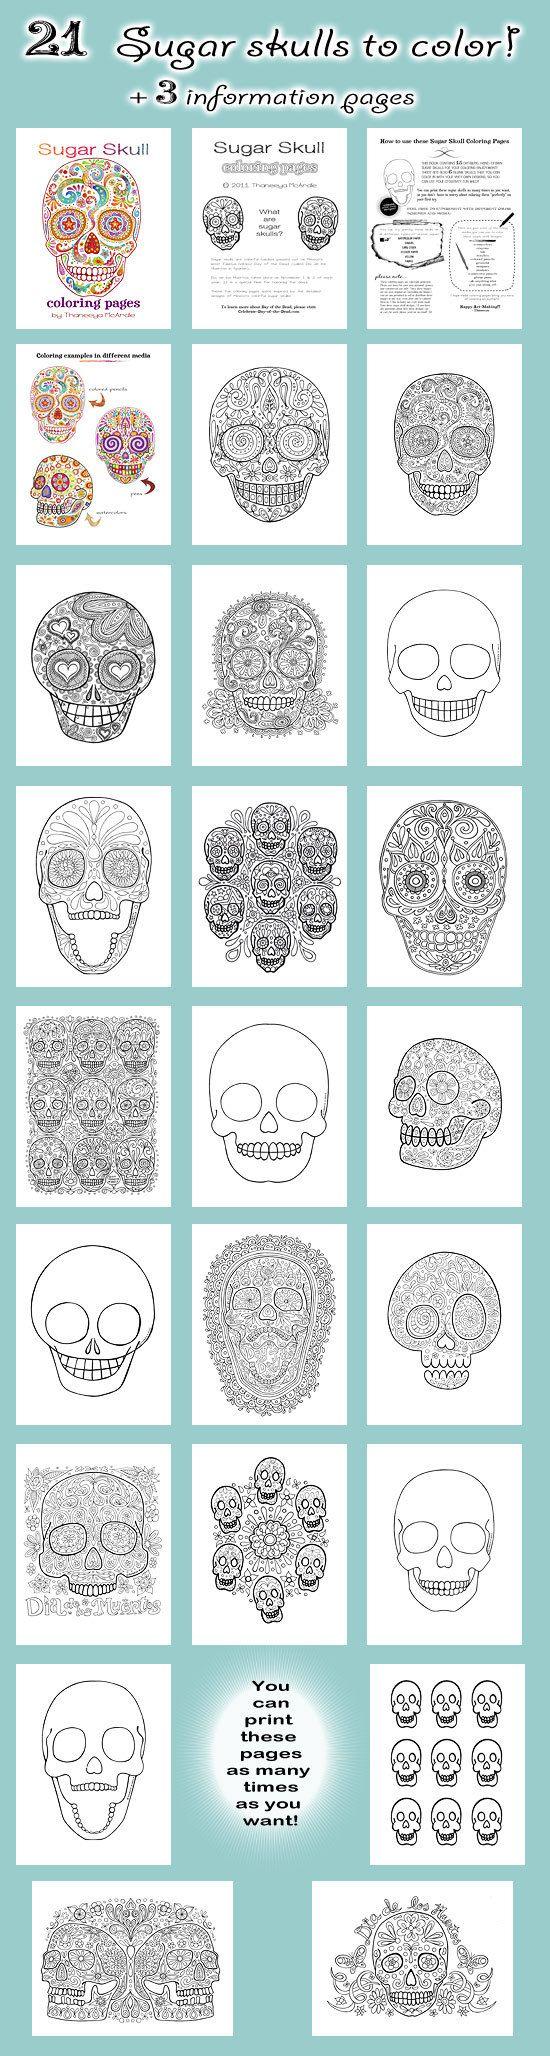 sugar skull coloring pages for el dia de los muertos dayofthedead